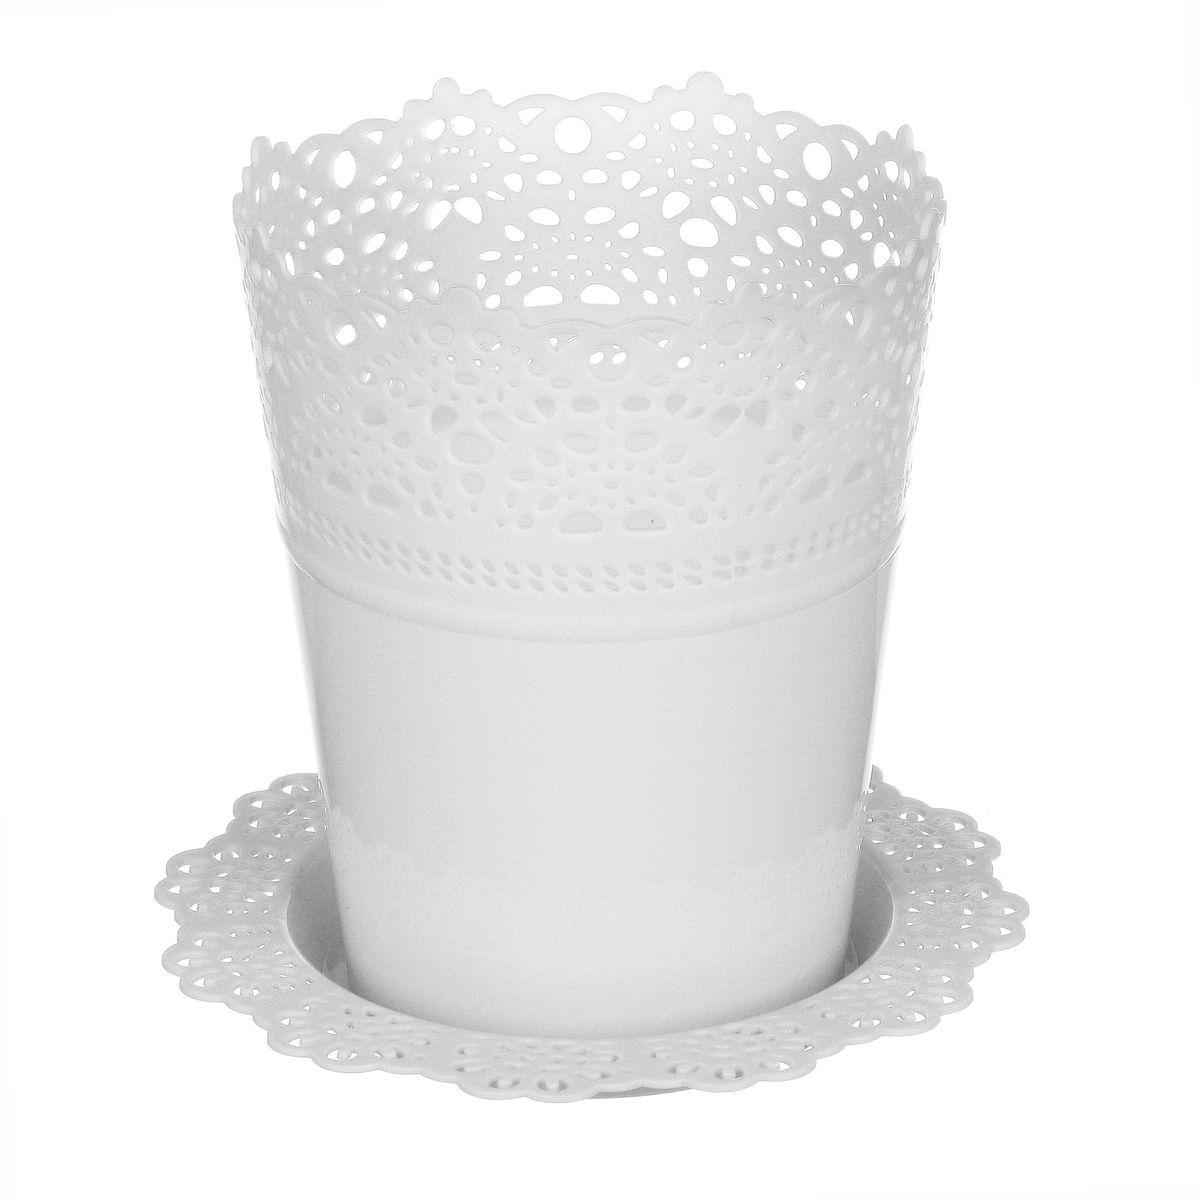 Кашпо Idea Ажур, с подставкой, цвет: белый, диаметр 11,5 смМ 3091